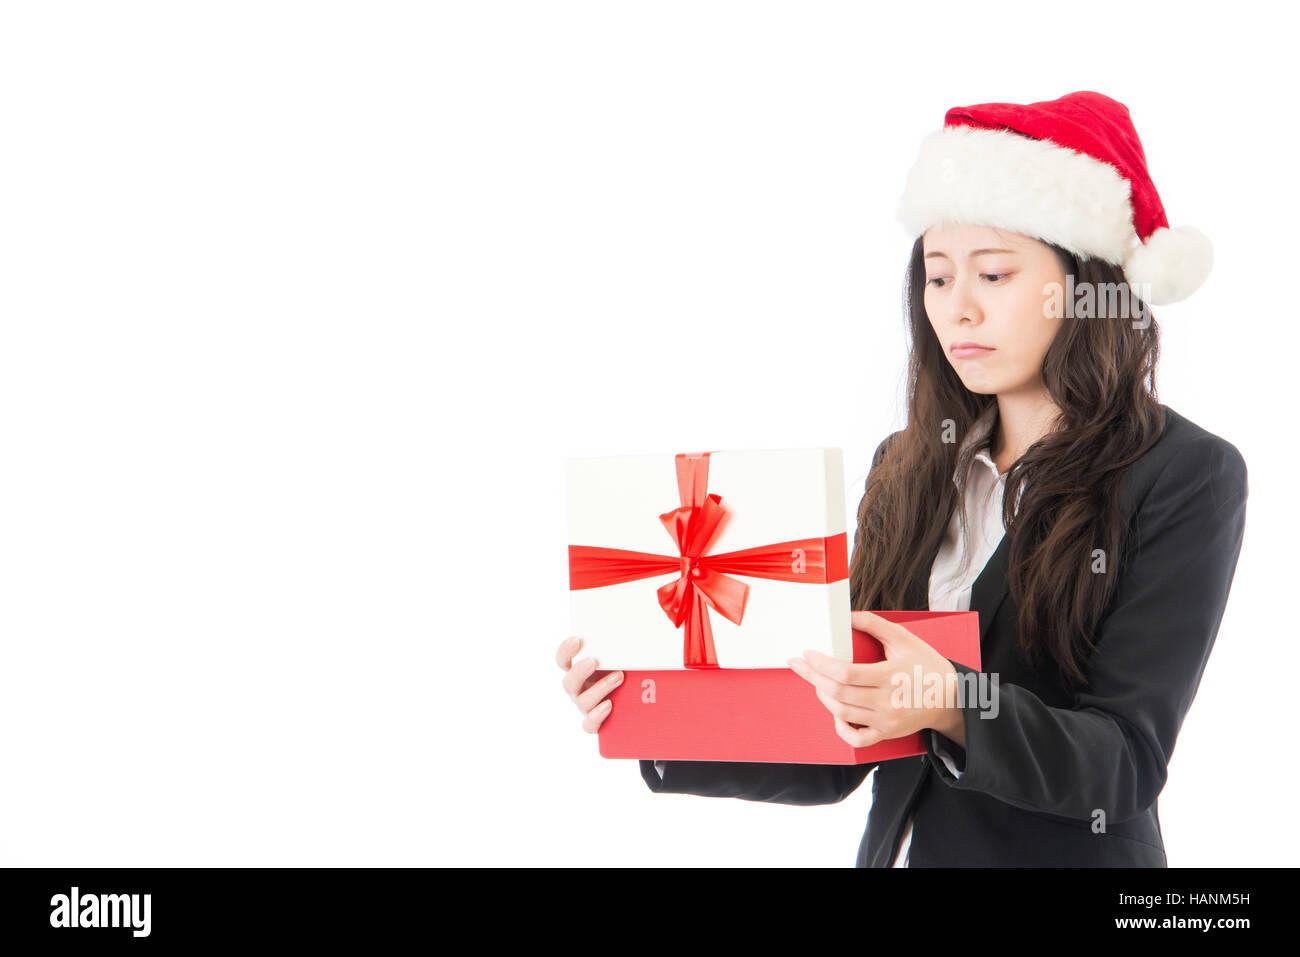 Frau öffnen Weihnachtsgeschenk enttäuscht und unzufrieden, junge ...